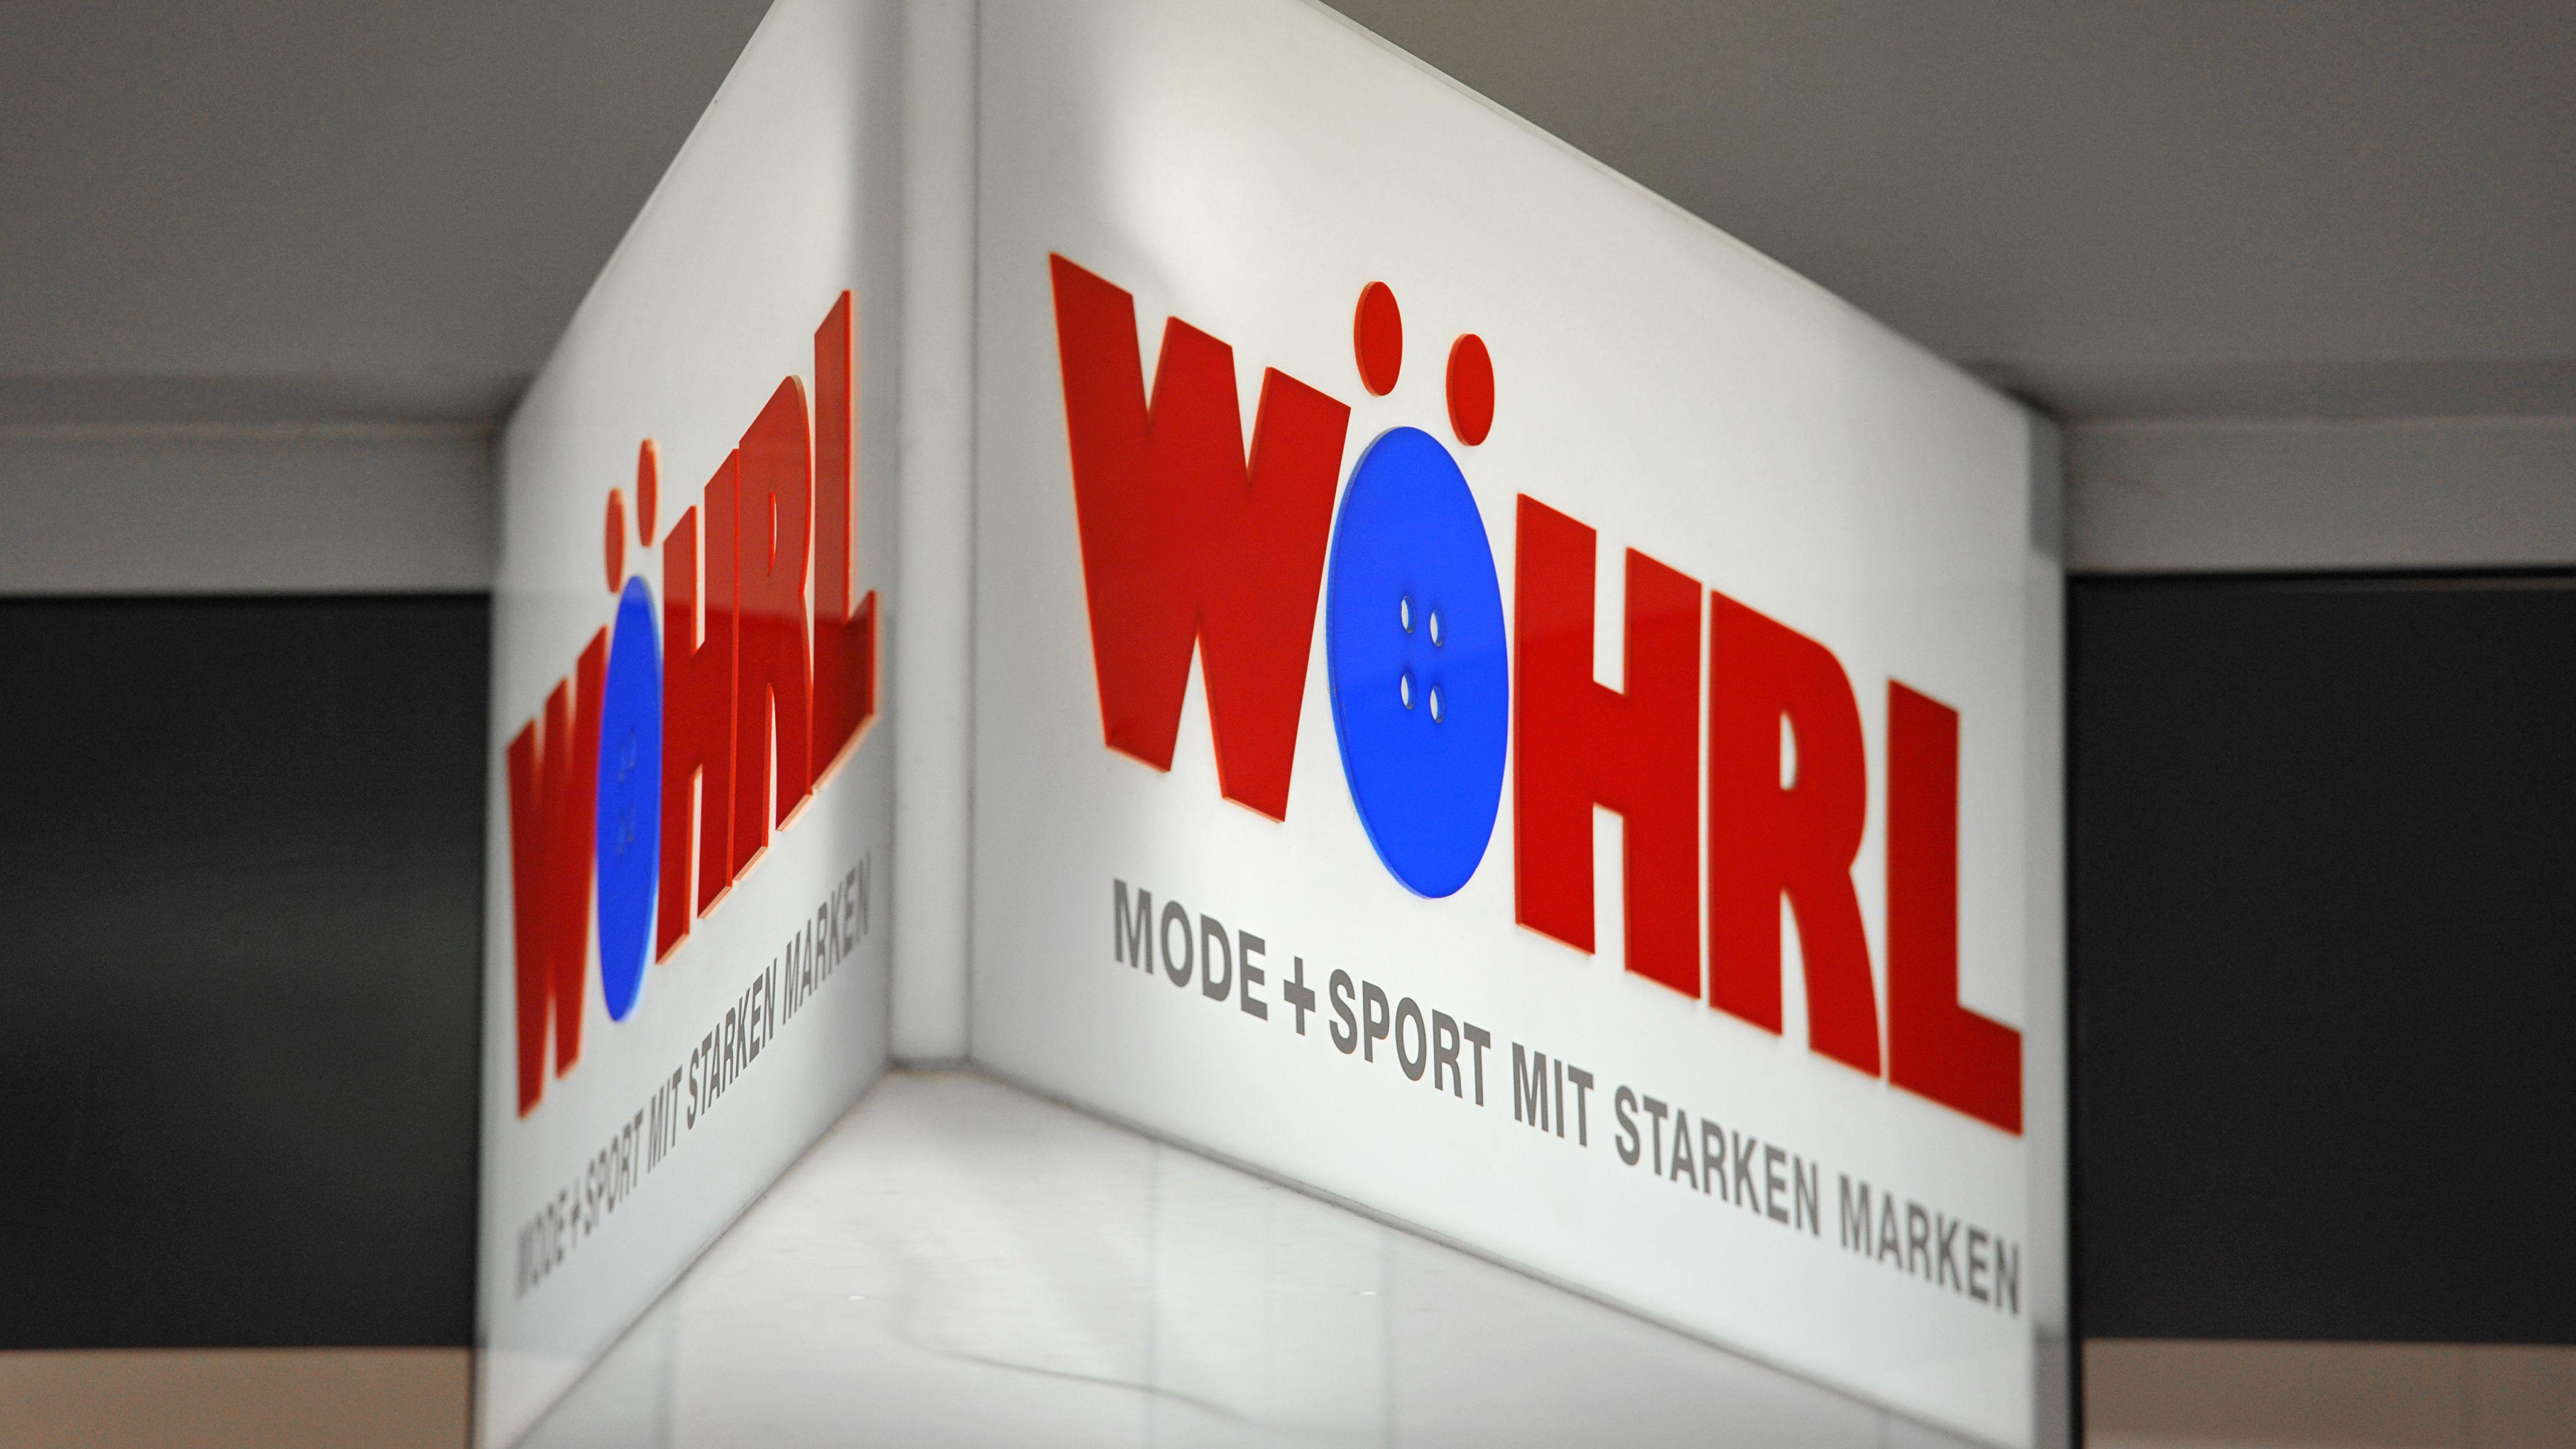 Symbolbild: Wöhrl Logo